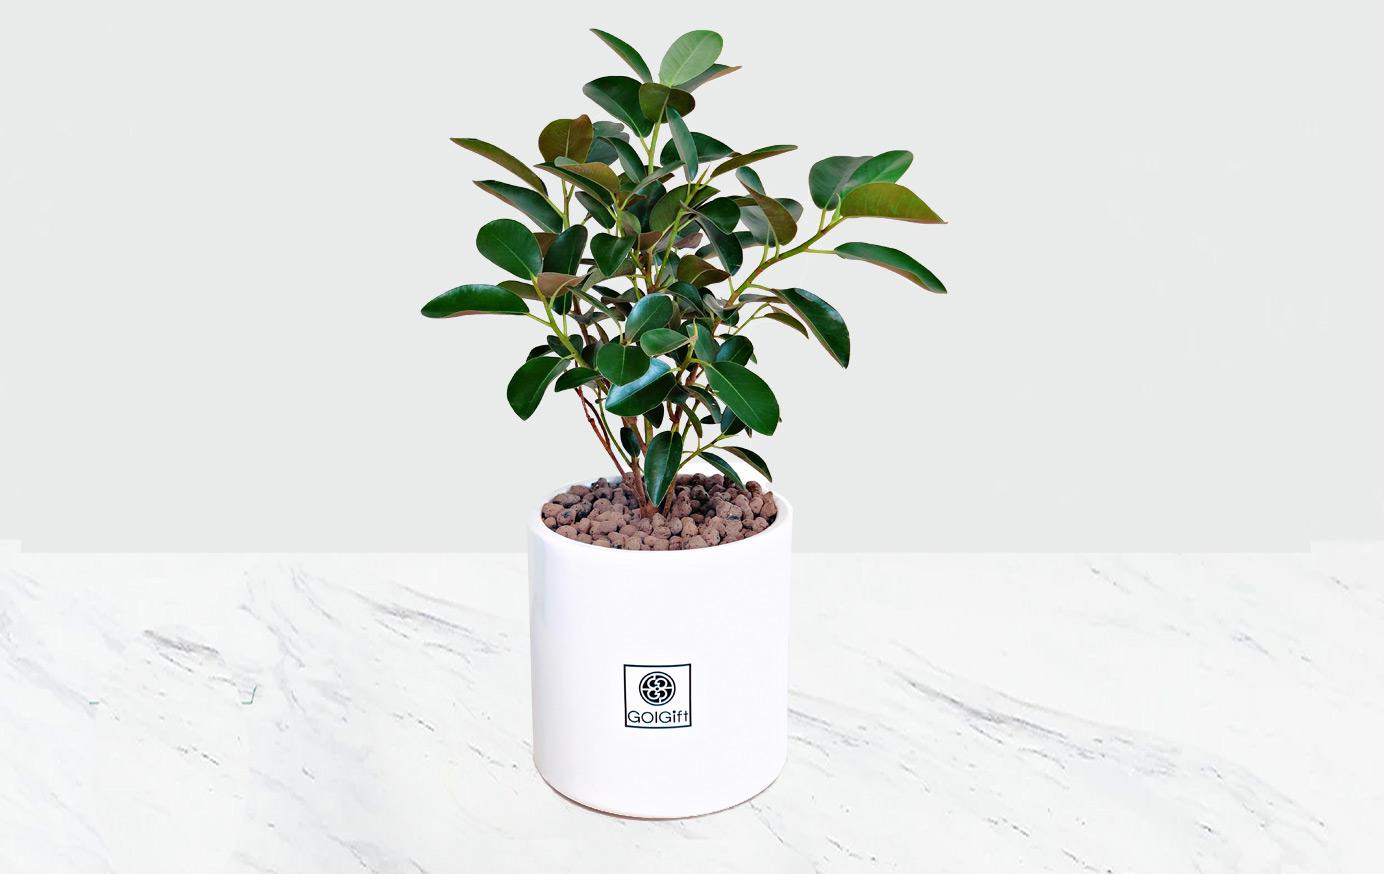 گیاه فيكوس جنگلى